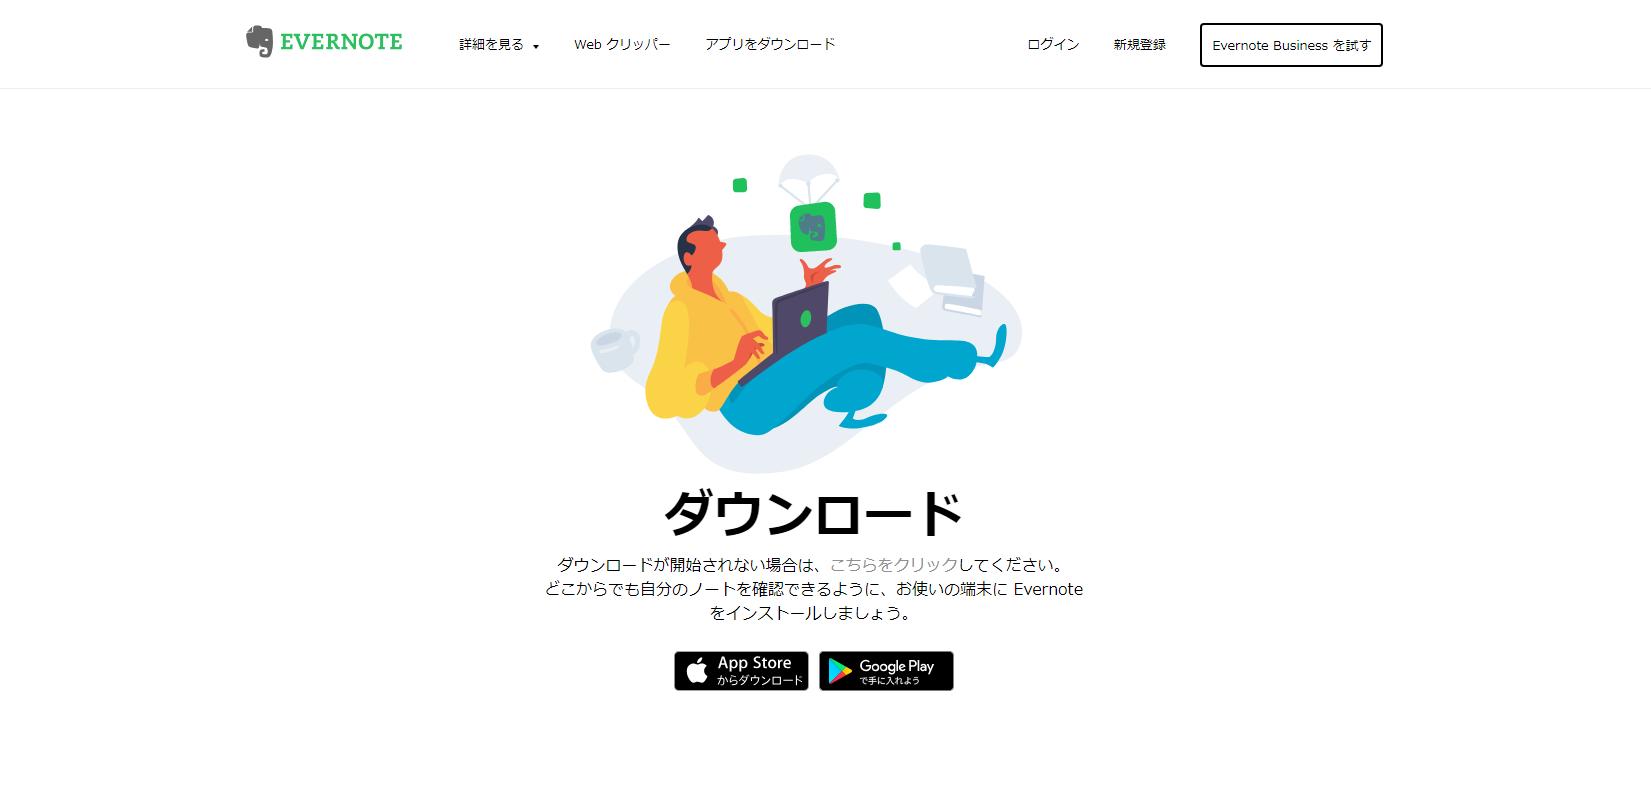 Evernoteの公式サイトの「アプリをダウンロード」